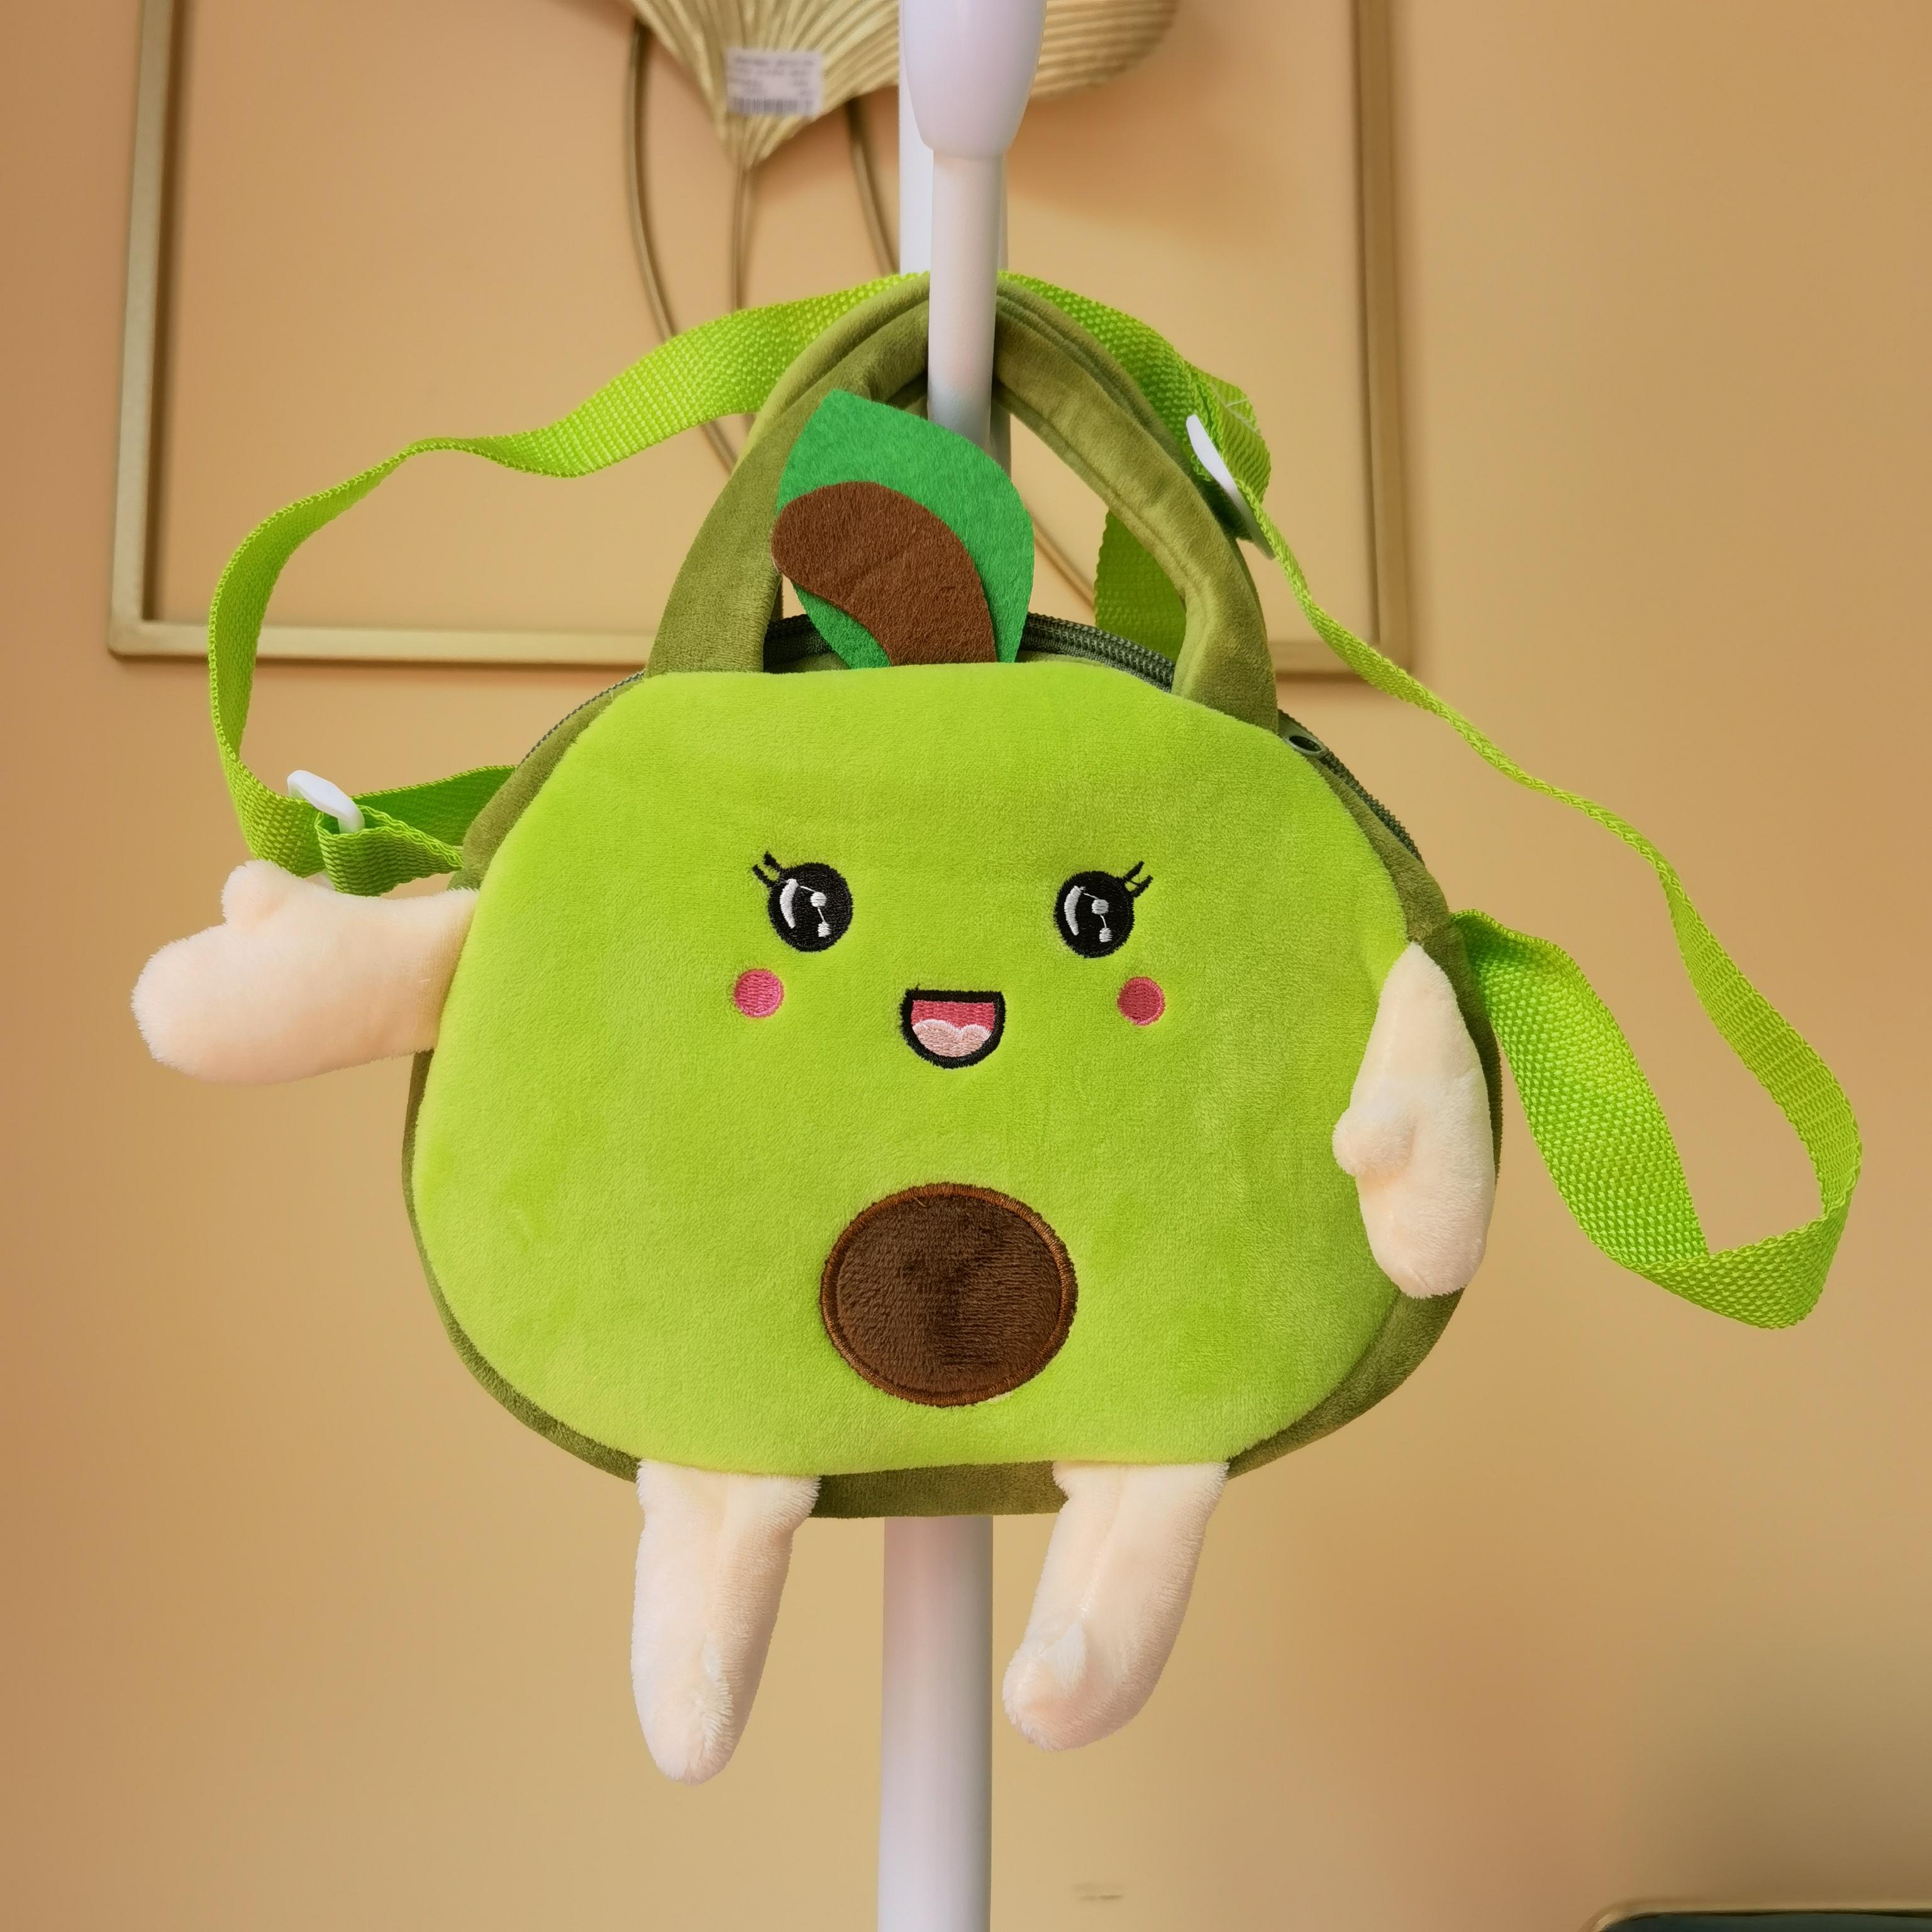 毛绒玩具包牛油果手提挎包刺绣牛油果斜挎包儿童包卡通斜背包牛油果挎包手拎包